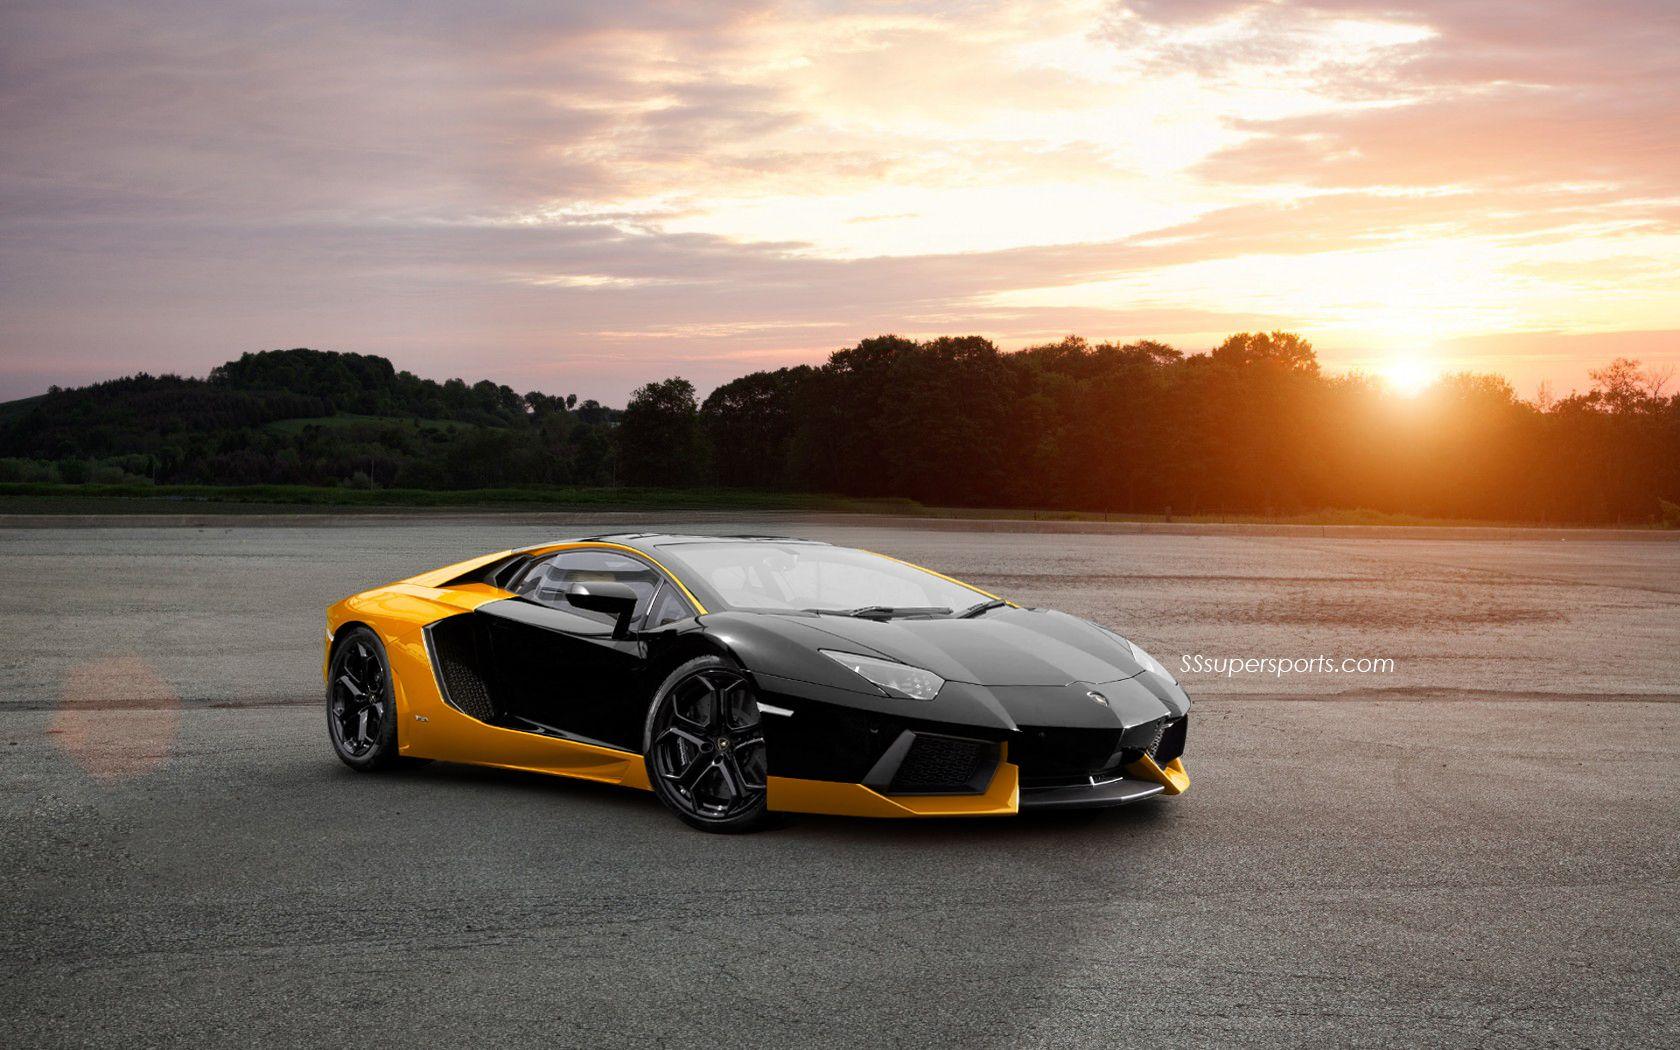 Lamborghini Aventador Landscape Wallpaper